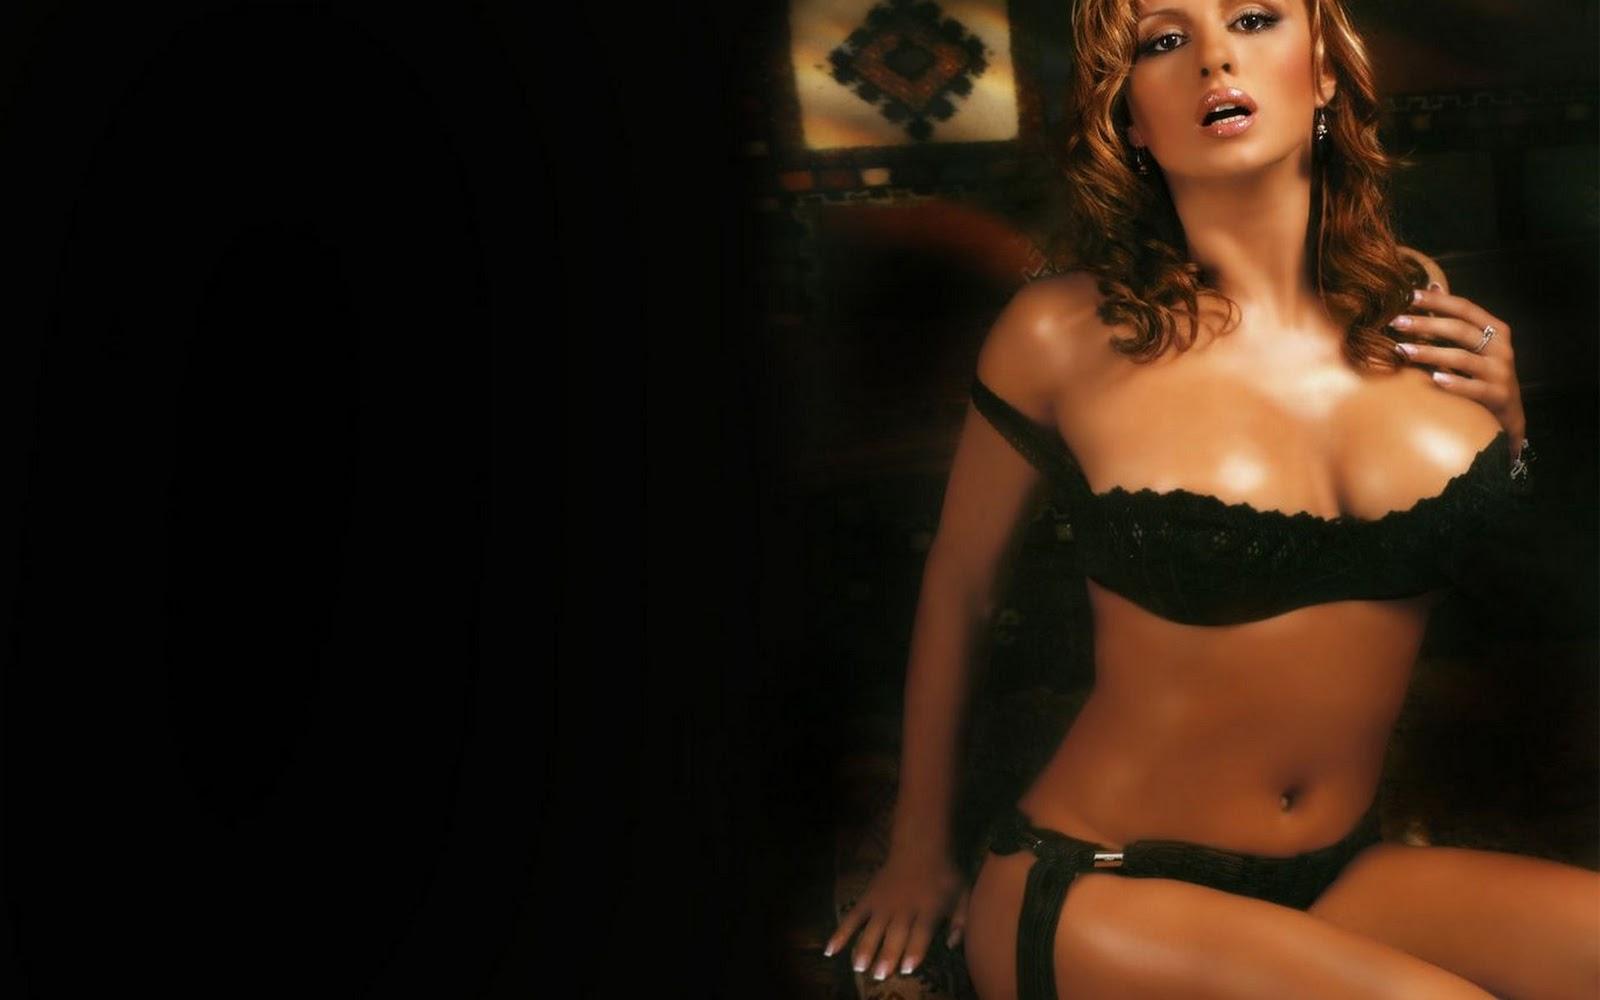 Смотреть порно фото галереи девушек в чулках бесплатно